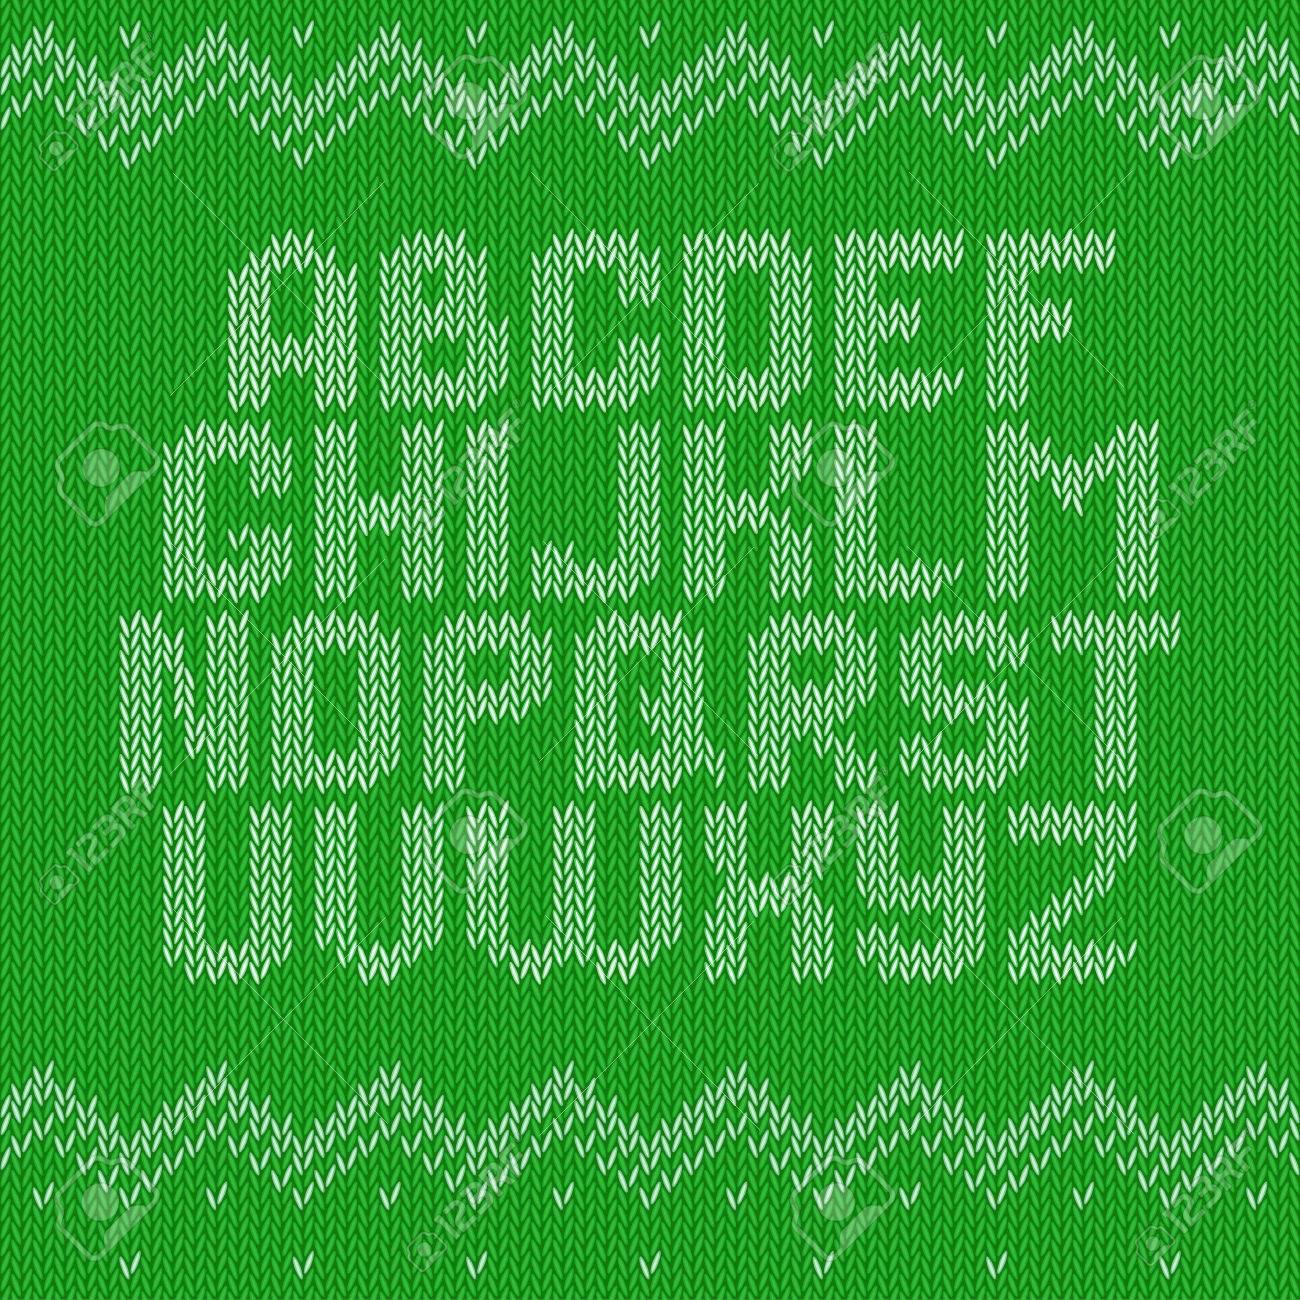 Gestrickte Alphabet Auf Grünem Hintergrund. Weihnachten Häkeln ...